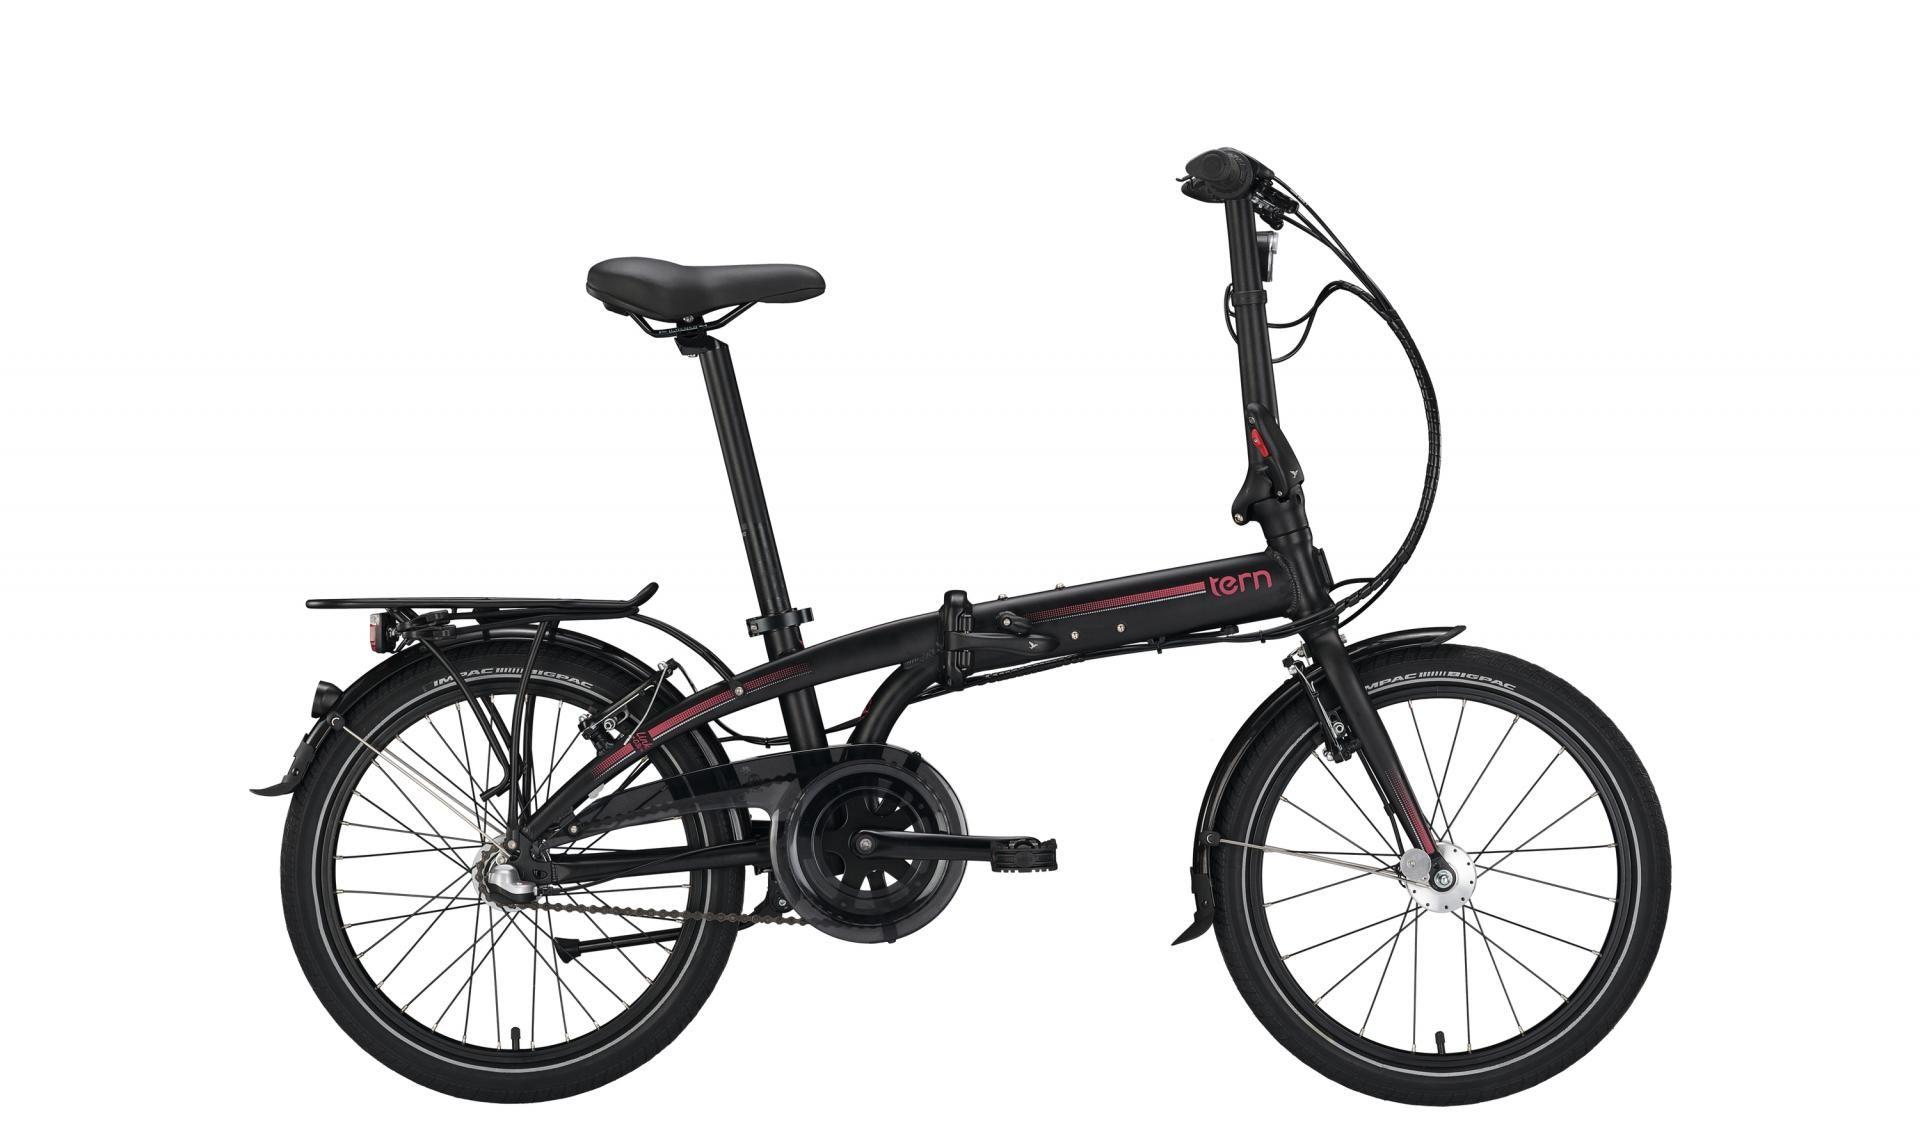 falträder/Citybikes: Tern  Link C7i 7 Gang Nabenschaltung Unisex Faltrahmen Modell 2021 20 Zoll 40 cm